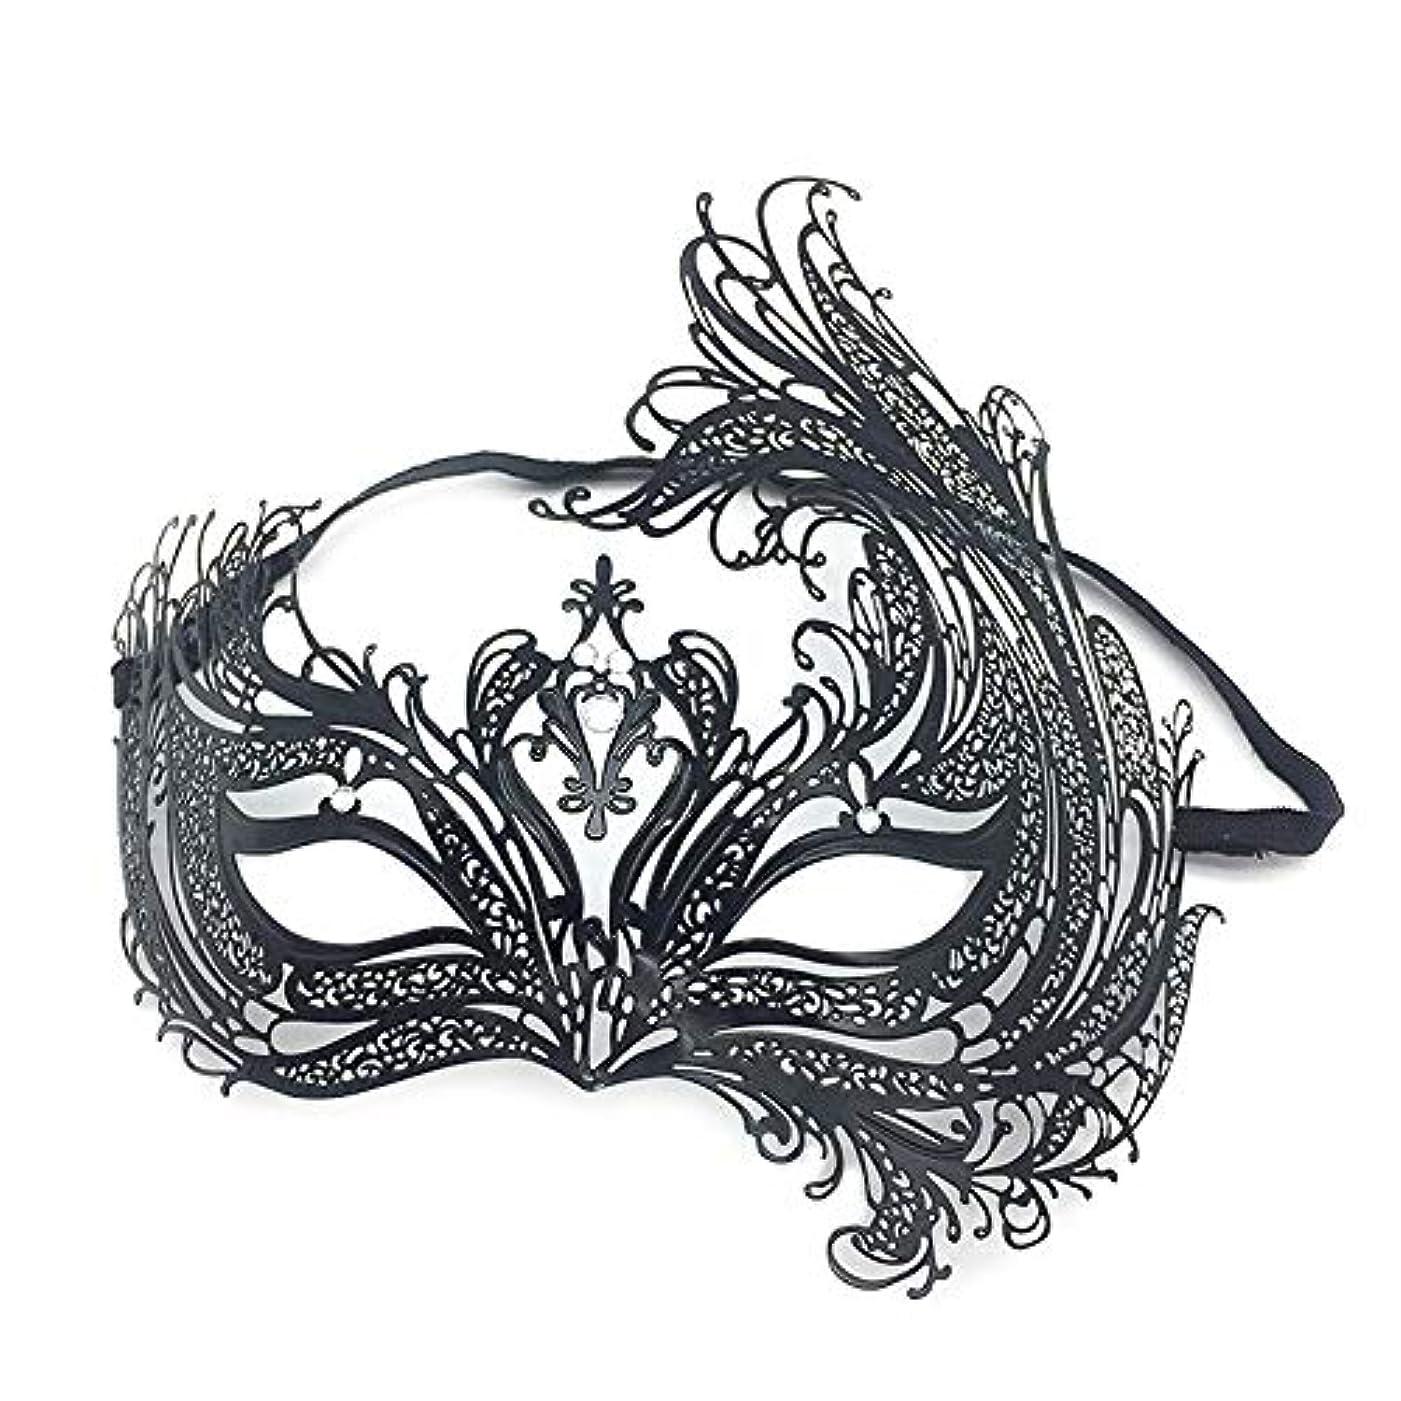 啓発する国籍リットルメタルダイヤモンドフェイスマスカレードマスクパーティーブラックセクシーなハーフフェイスフェニックスハロウィーンマスク